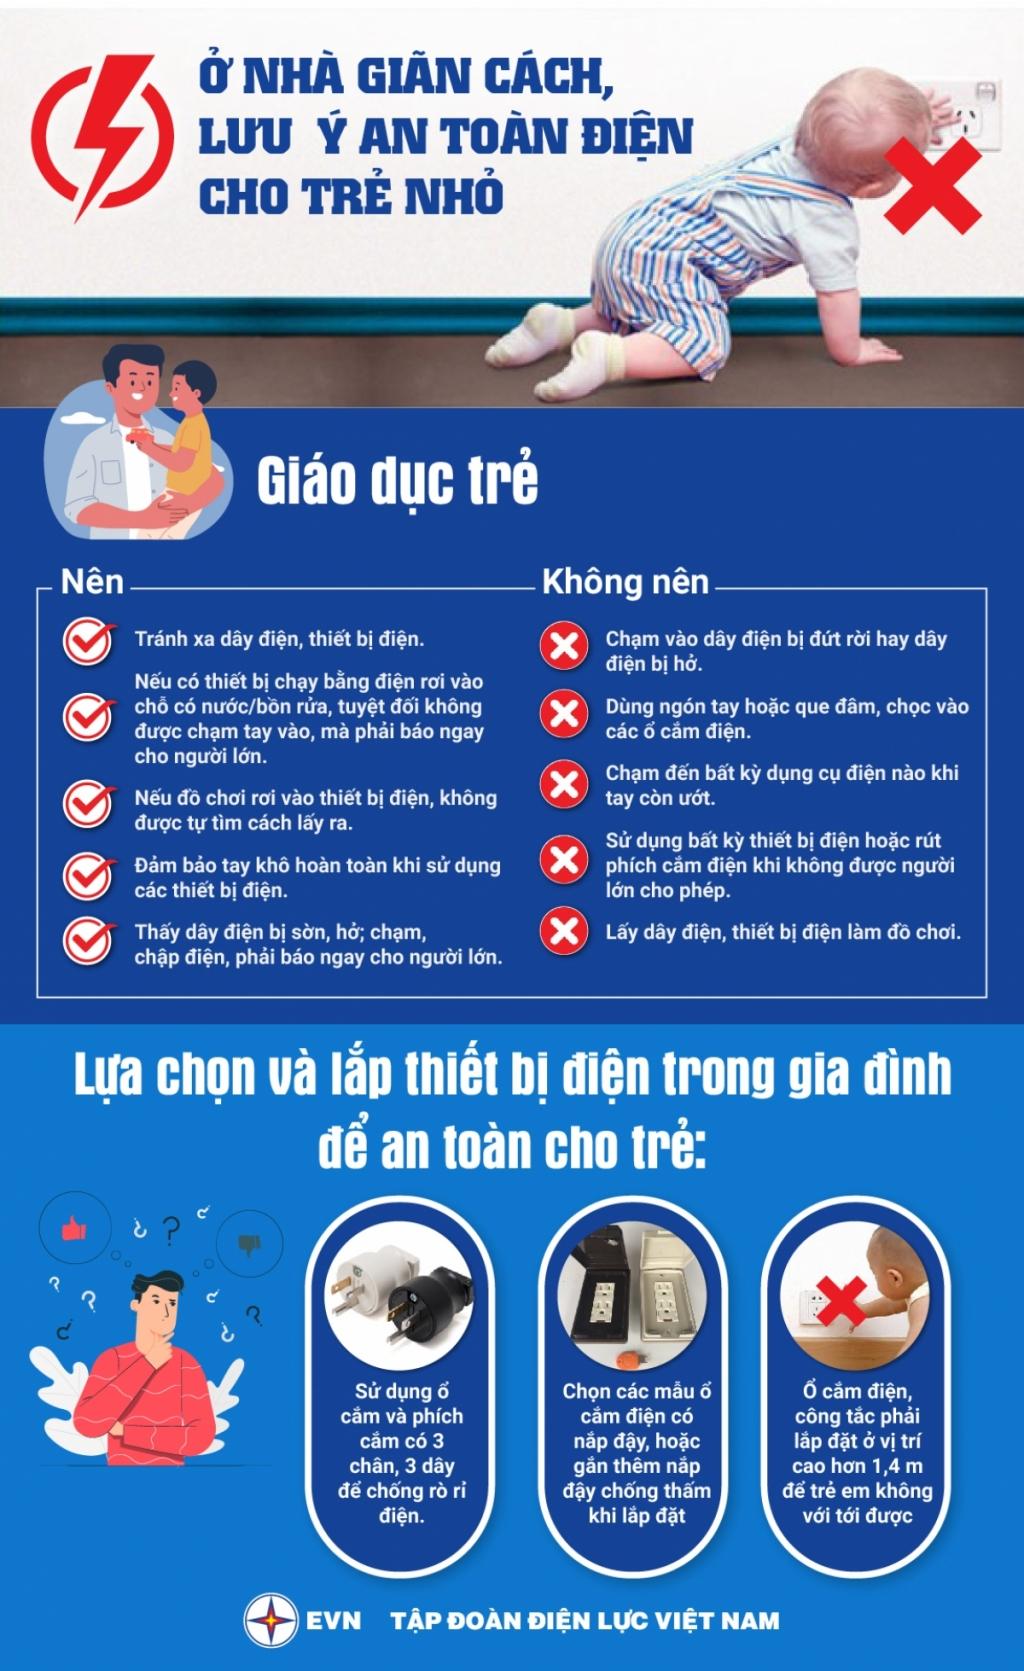 Khuyến cáo cách giữ an toàn điện cho trẻ nhỏ trong mùa dịch